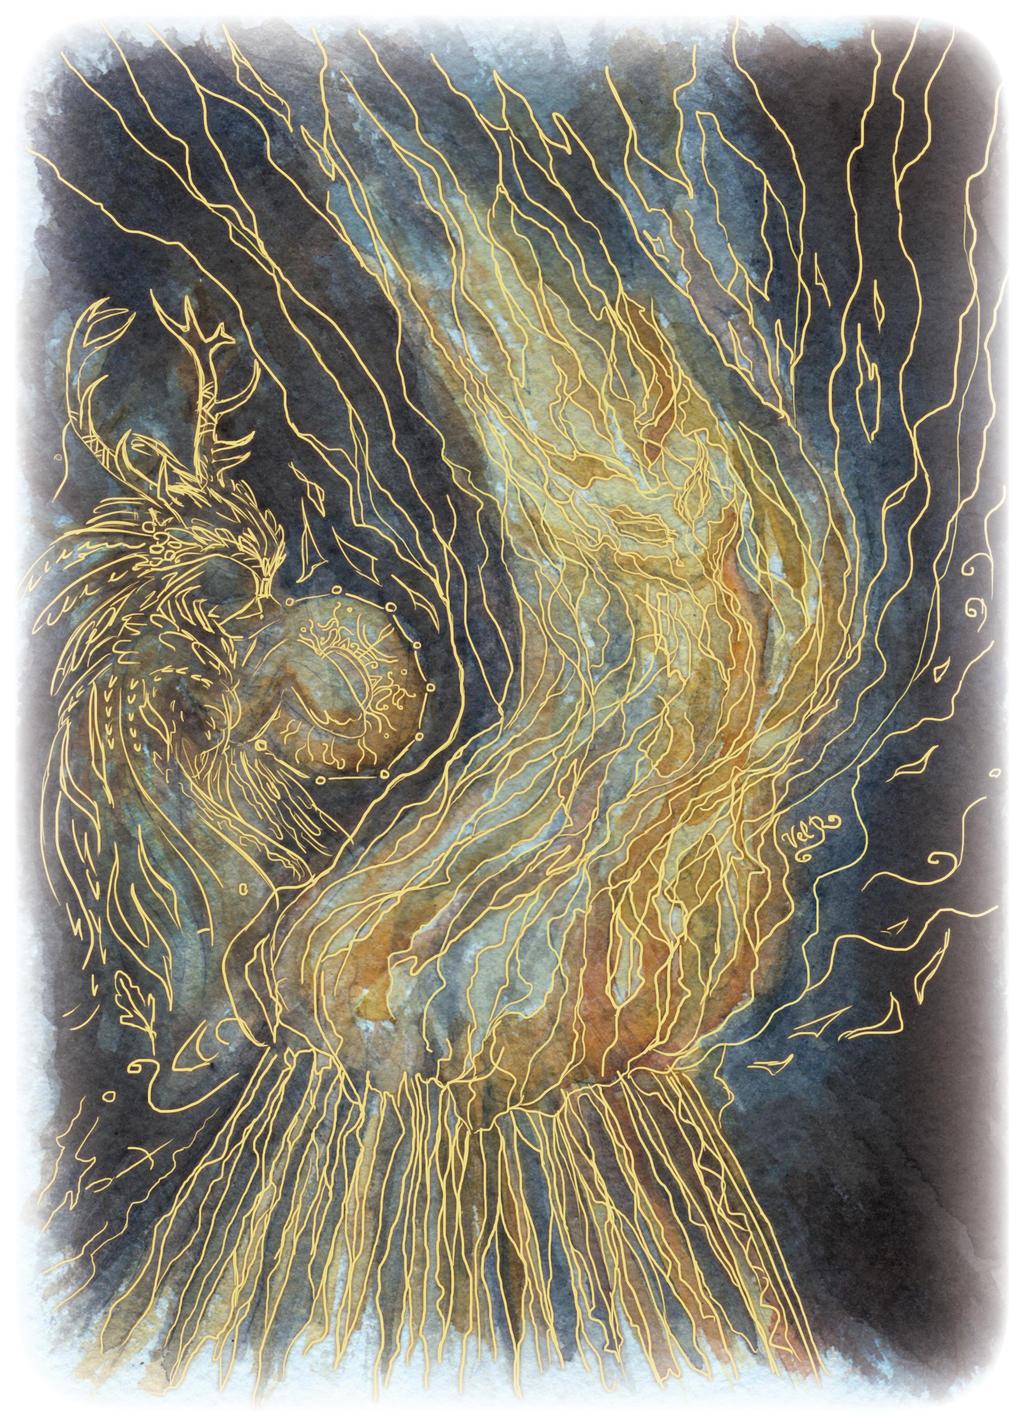 Spiritus Ignis by velvetrwings